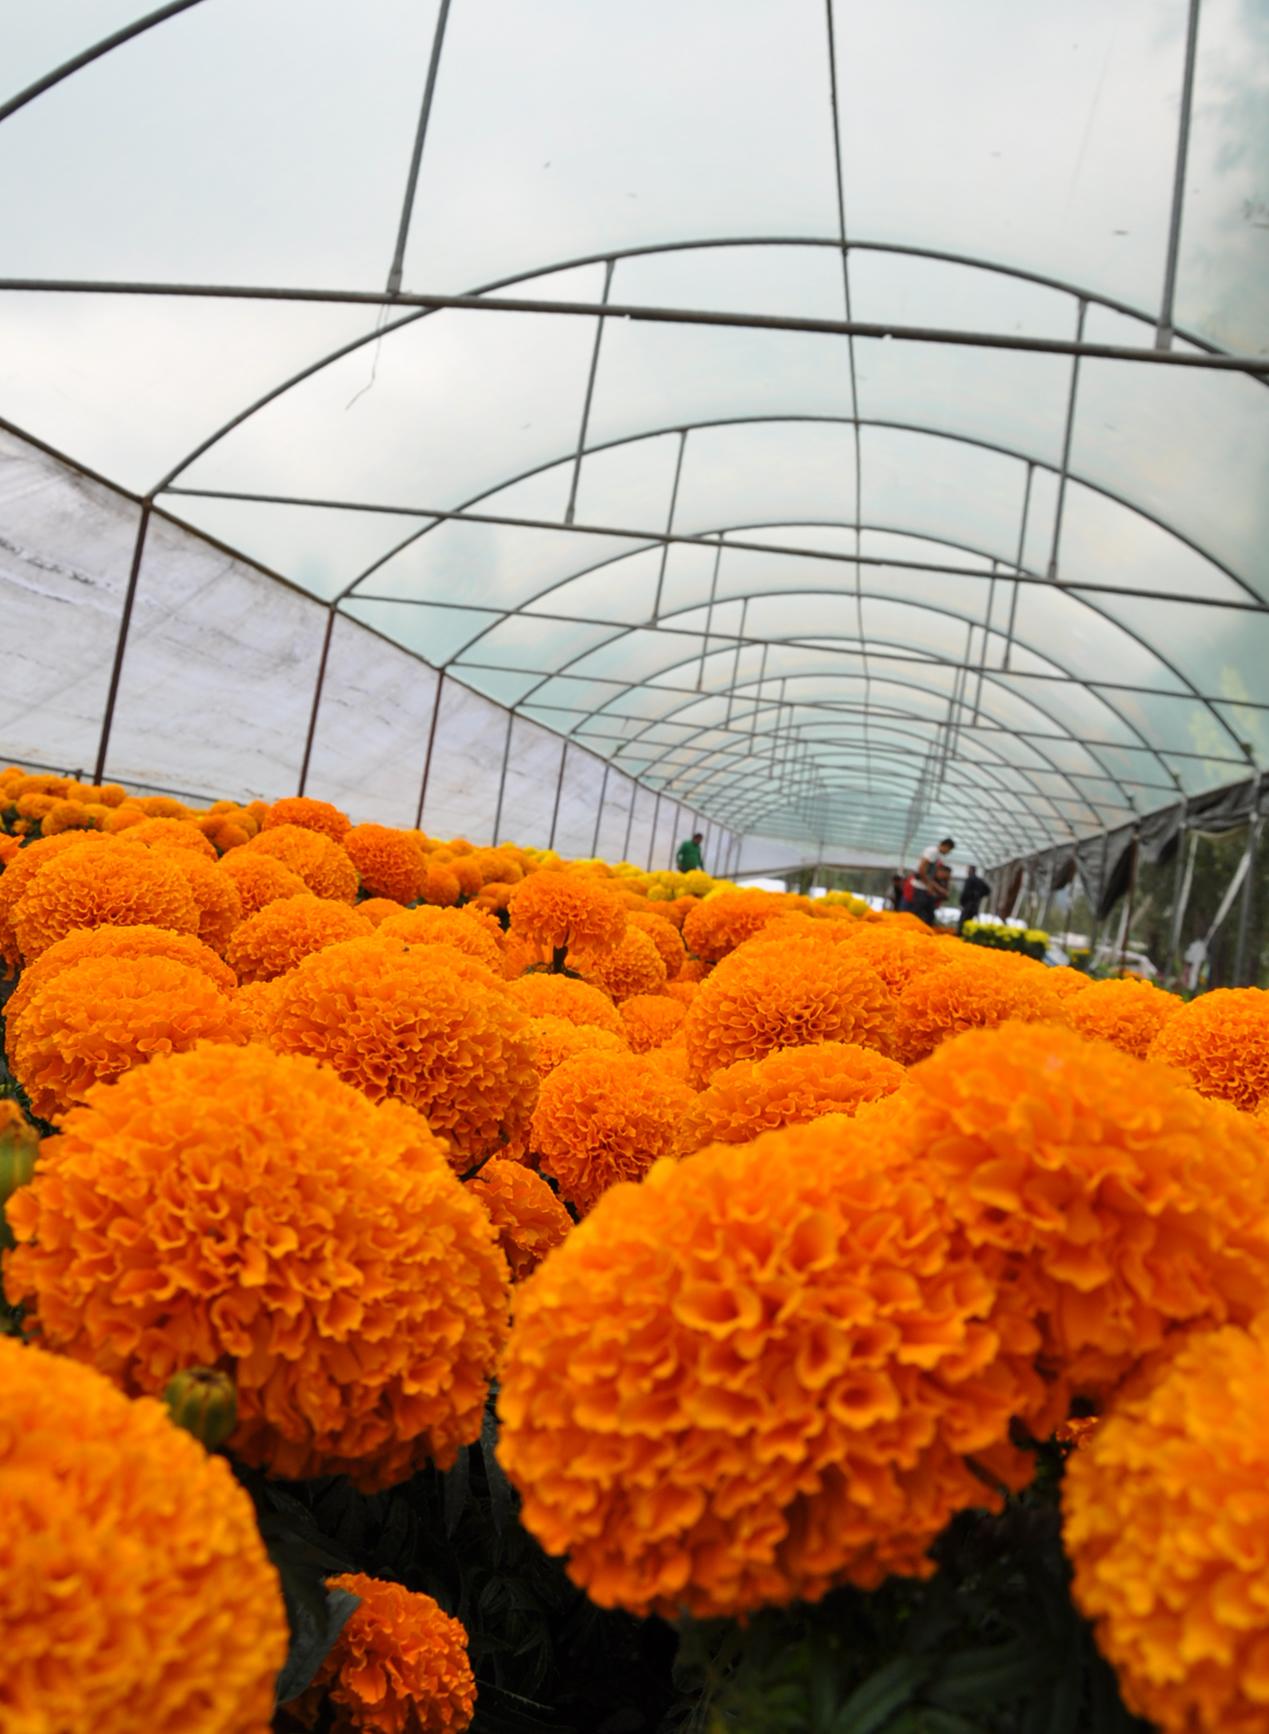 Preparados floricultores para abastecer demanda de zempoalxóchitl